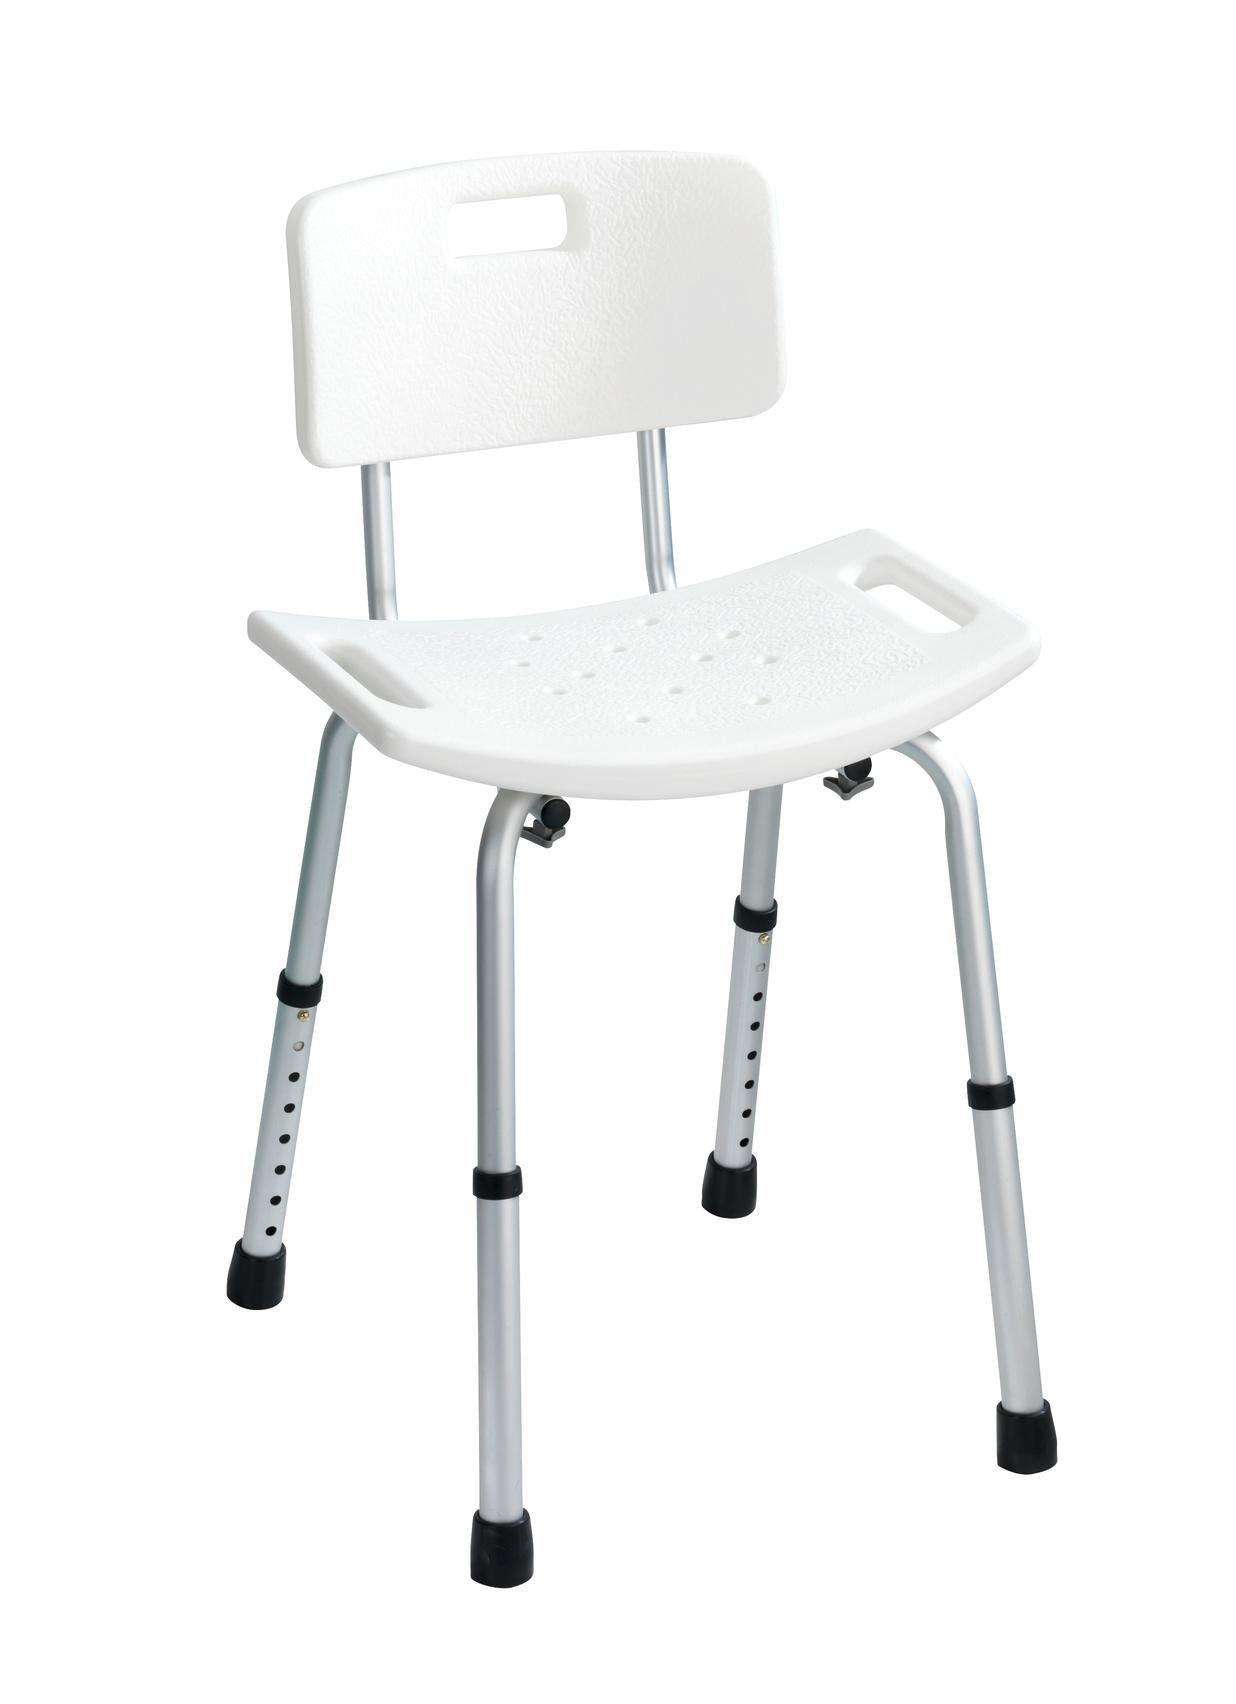 WENKO Dusch- und Badhocker mit Rückenlehne Secura, belastbar bis 130 kg